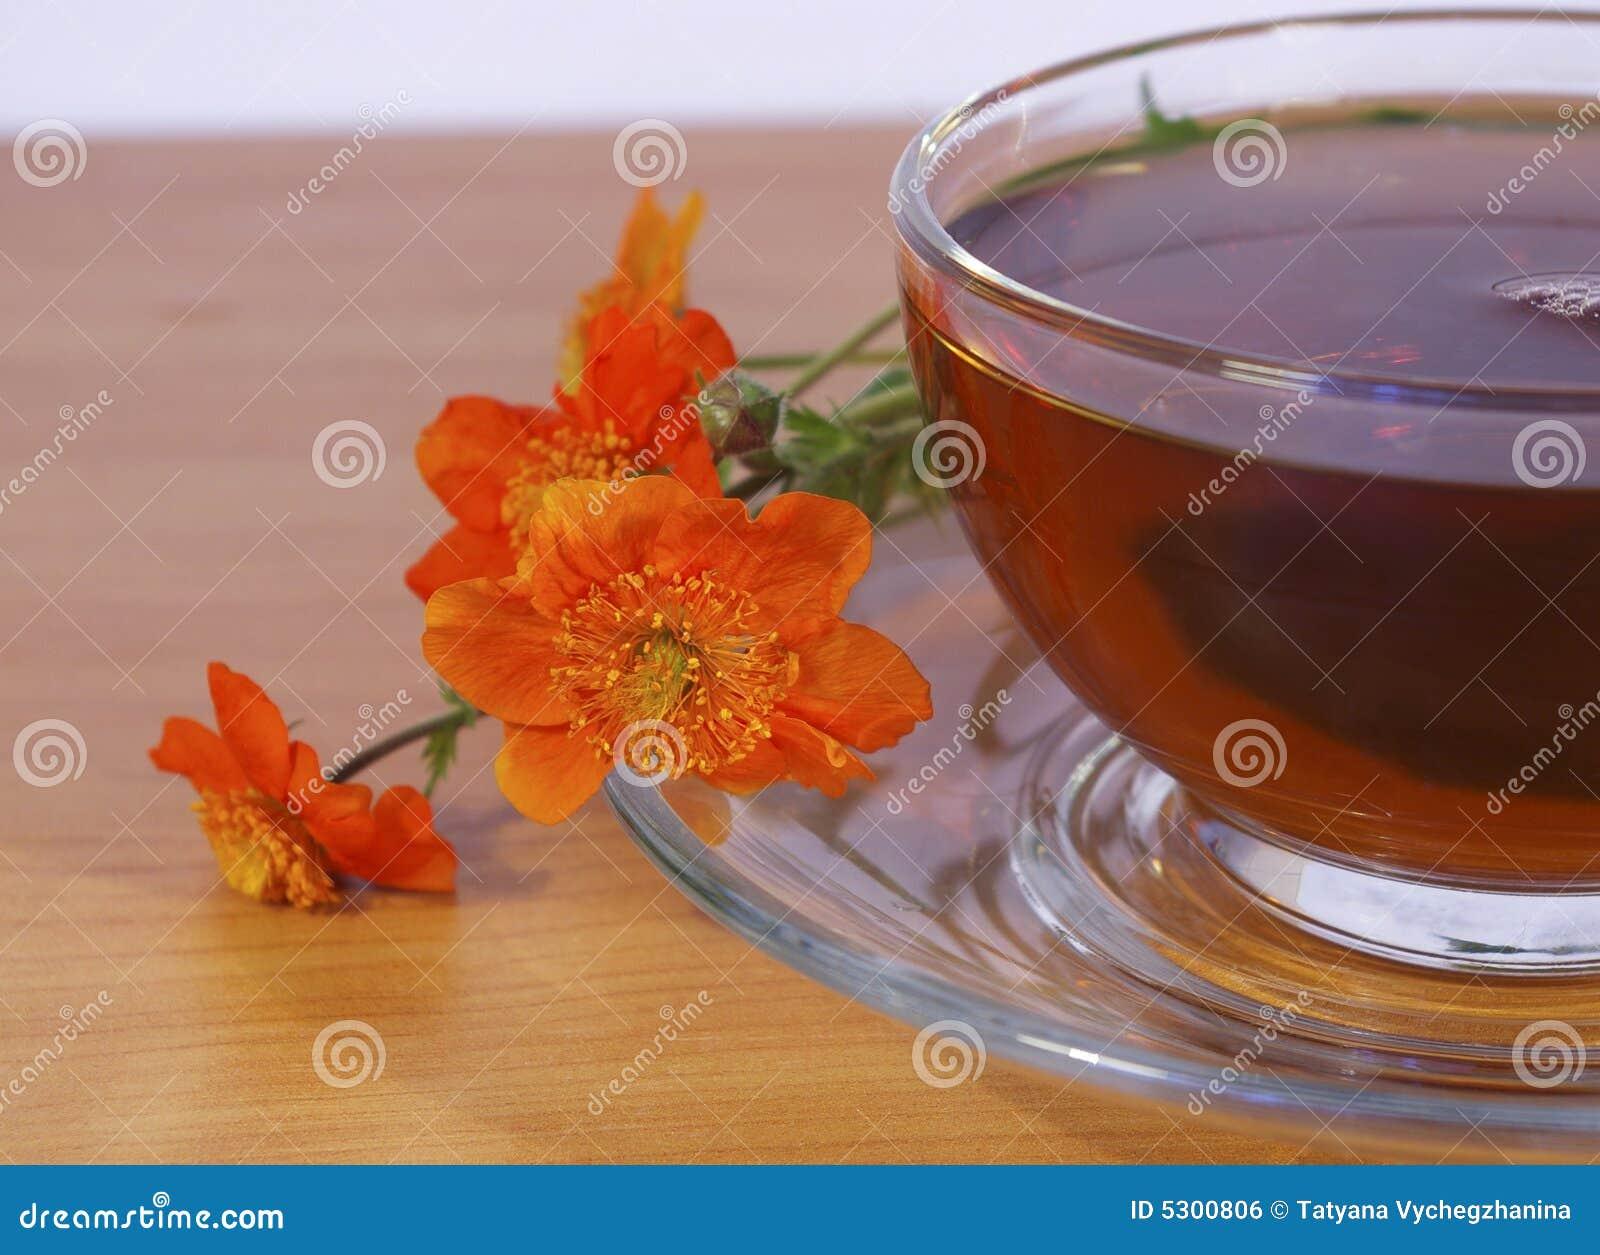 Download Fiori Di Colore Rosso E Del Tè Fotografia Stock - Immagine di liquido, pianta: 5300806